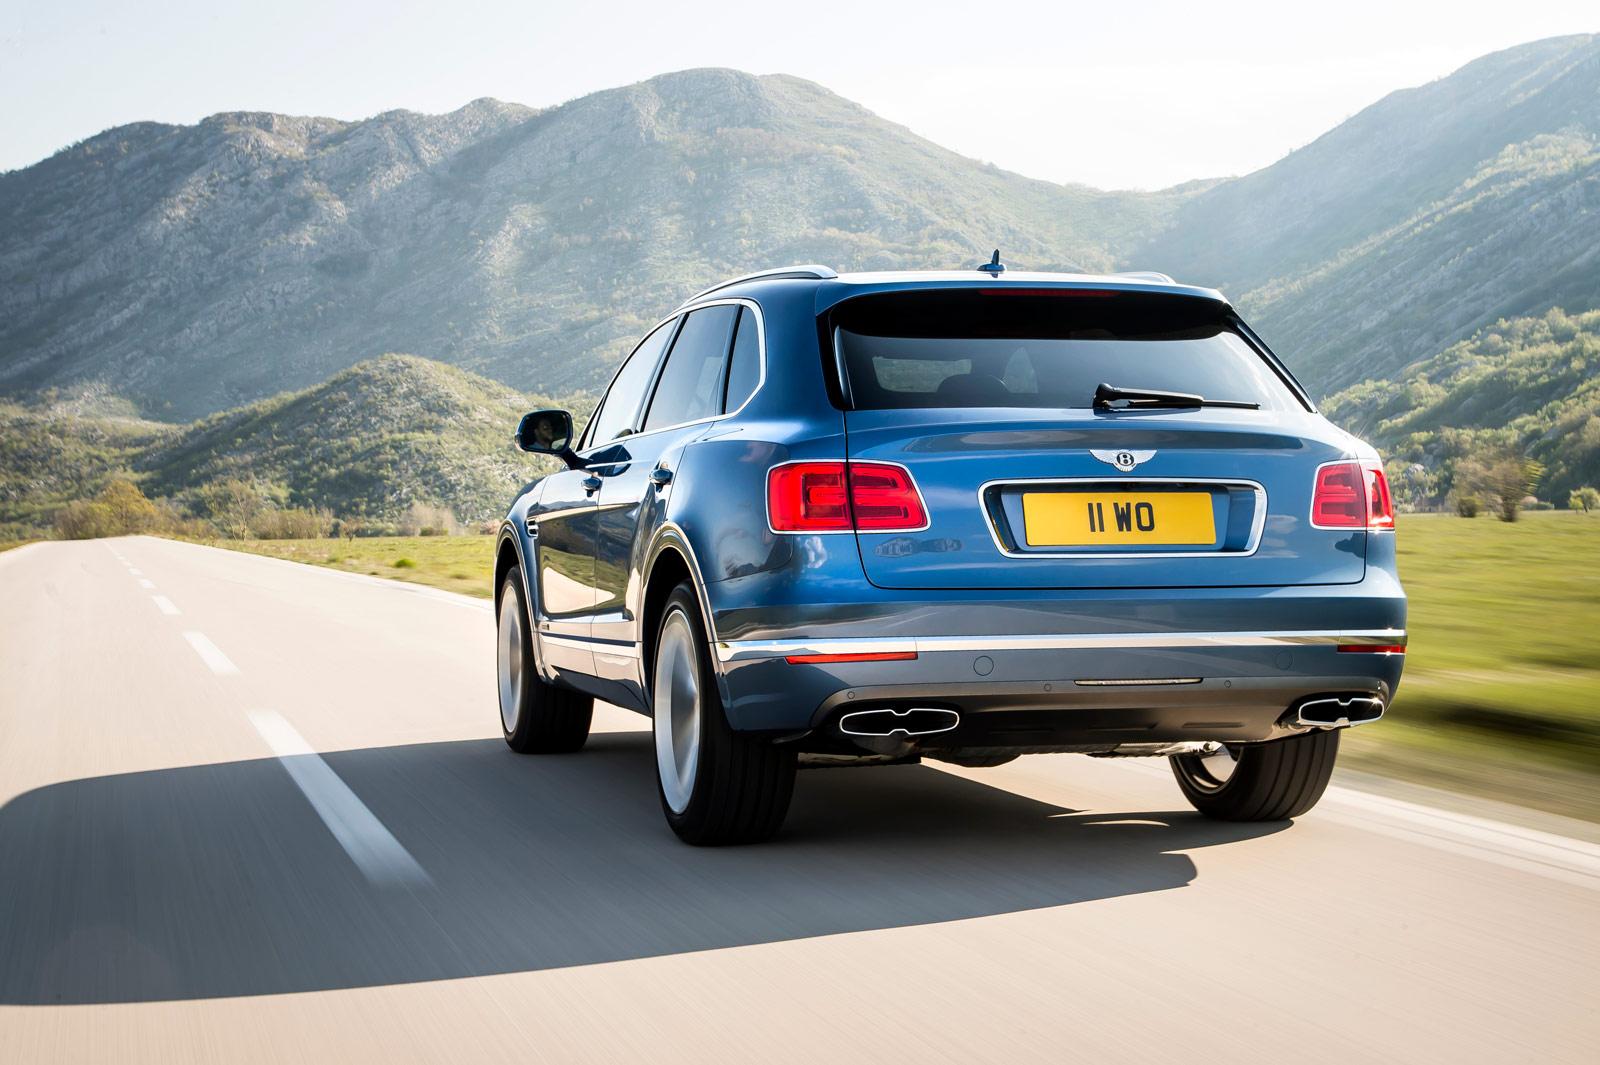 The Bentley Bentayga Diesel - Power, Refinement And Range 6